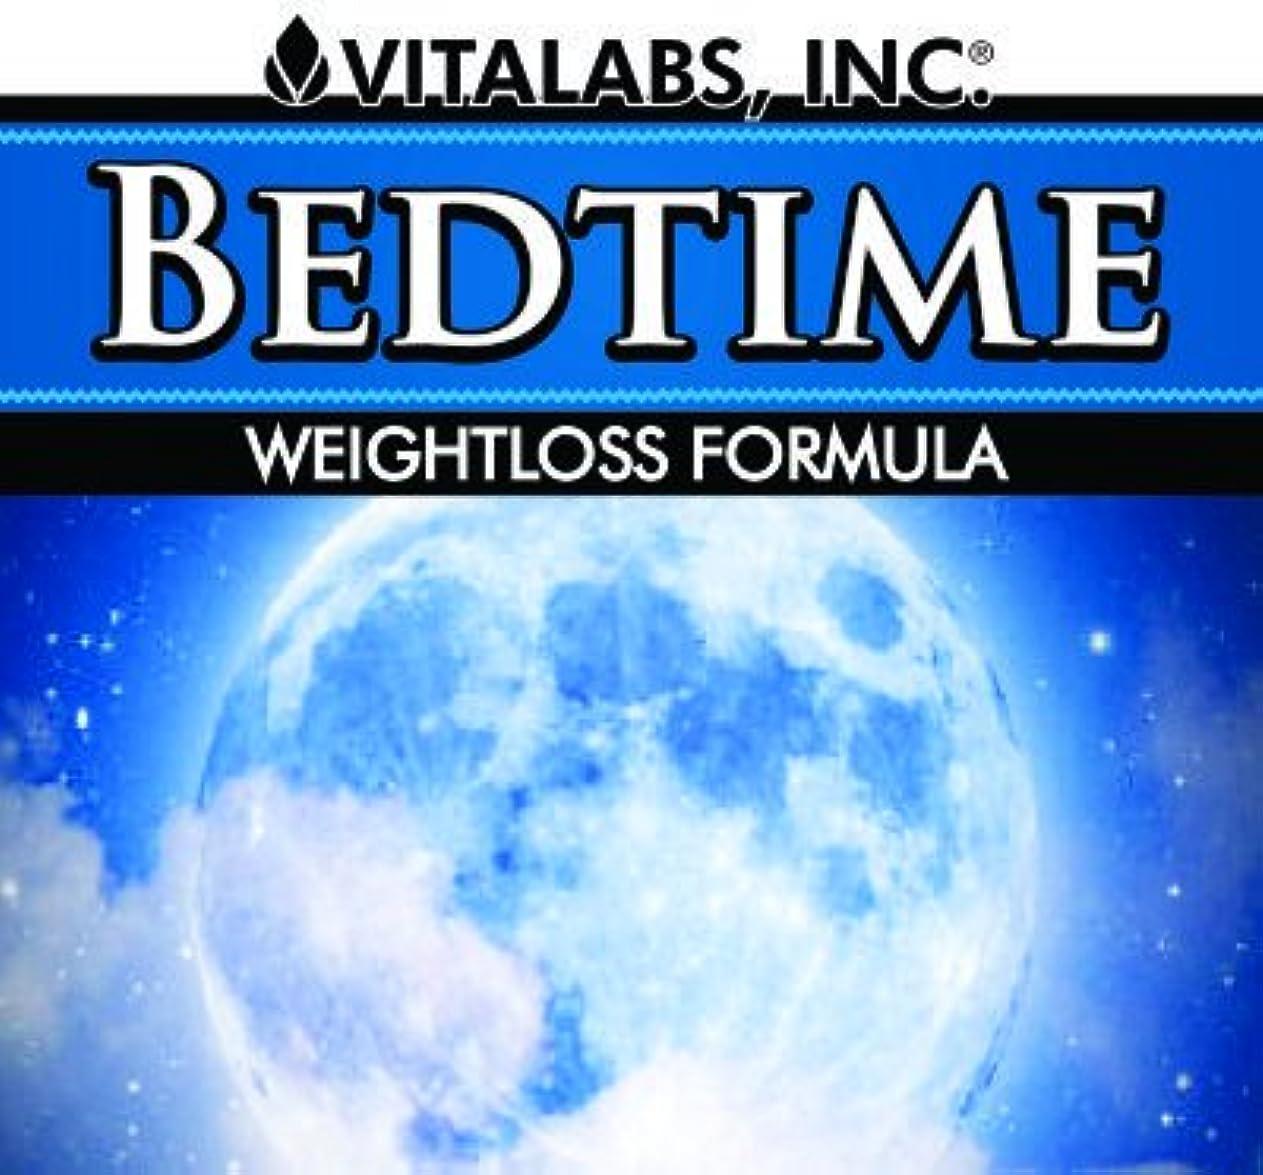 同性愛者スキャン疑い者Saturn Supplements/Vitalabs BedTime Weight Lost ベッドタイムウェイトロス 60カプセル